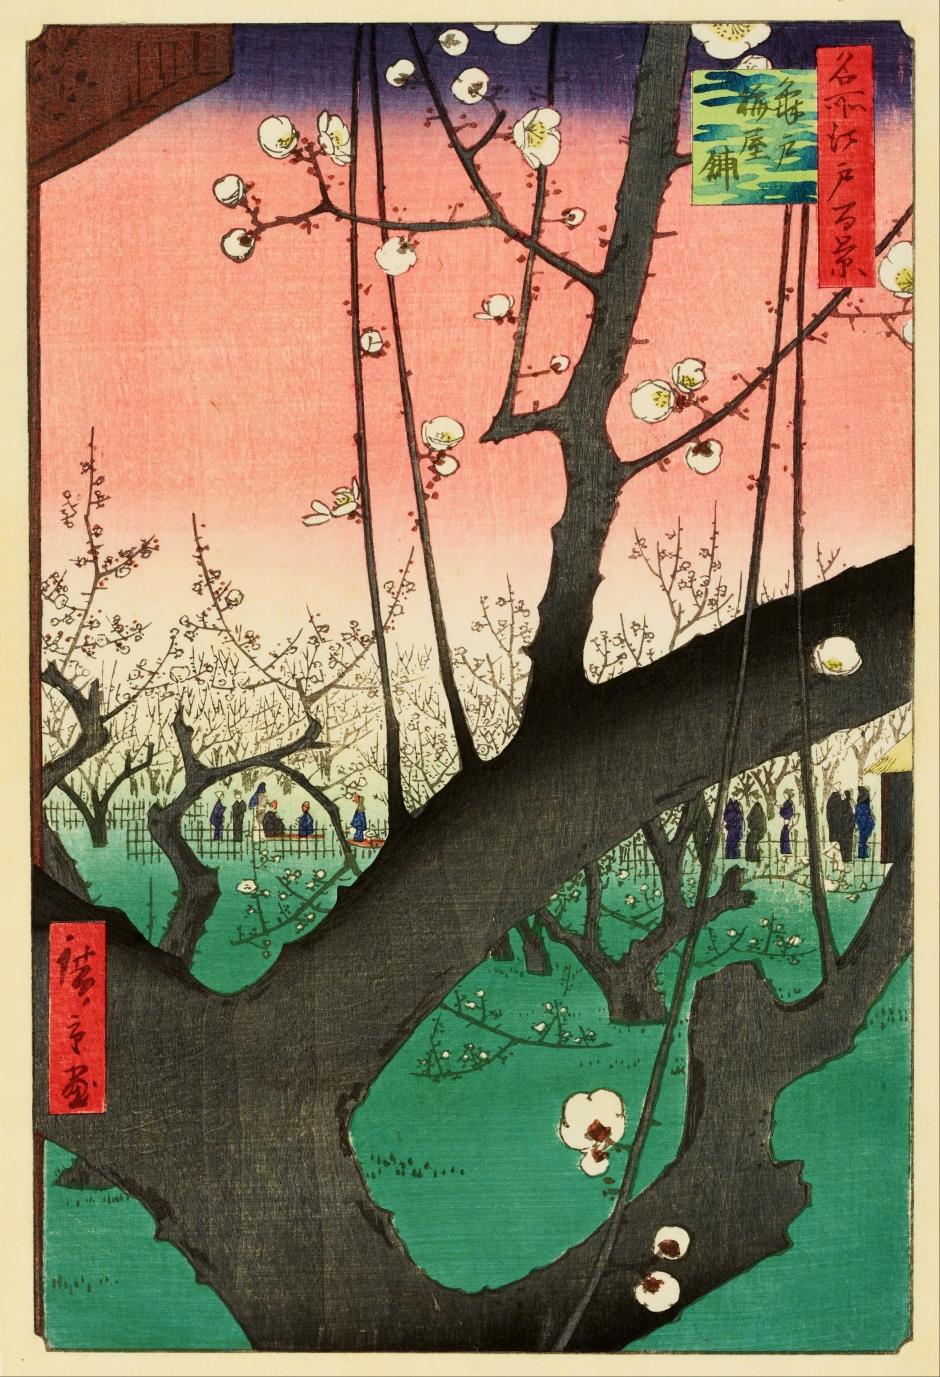 Ando_Hiroshige_-_Plum_Garden,_Kameido_-_Google_Art_Project